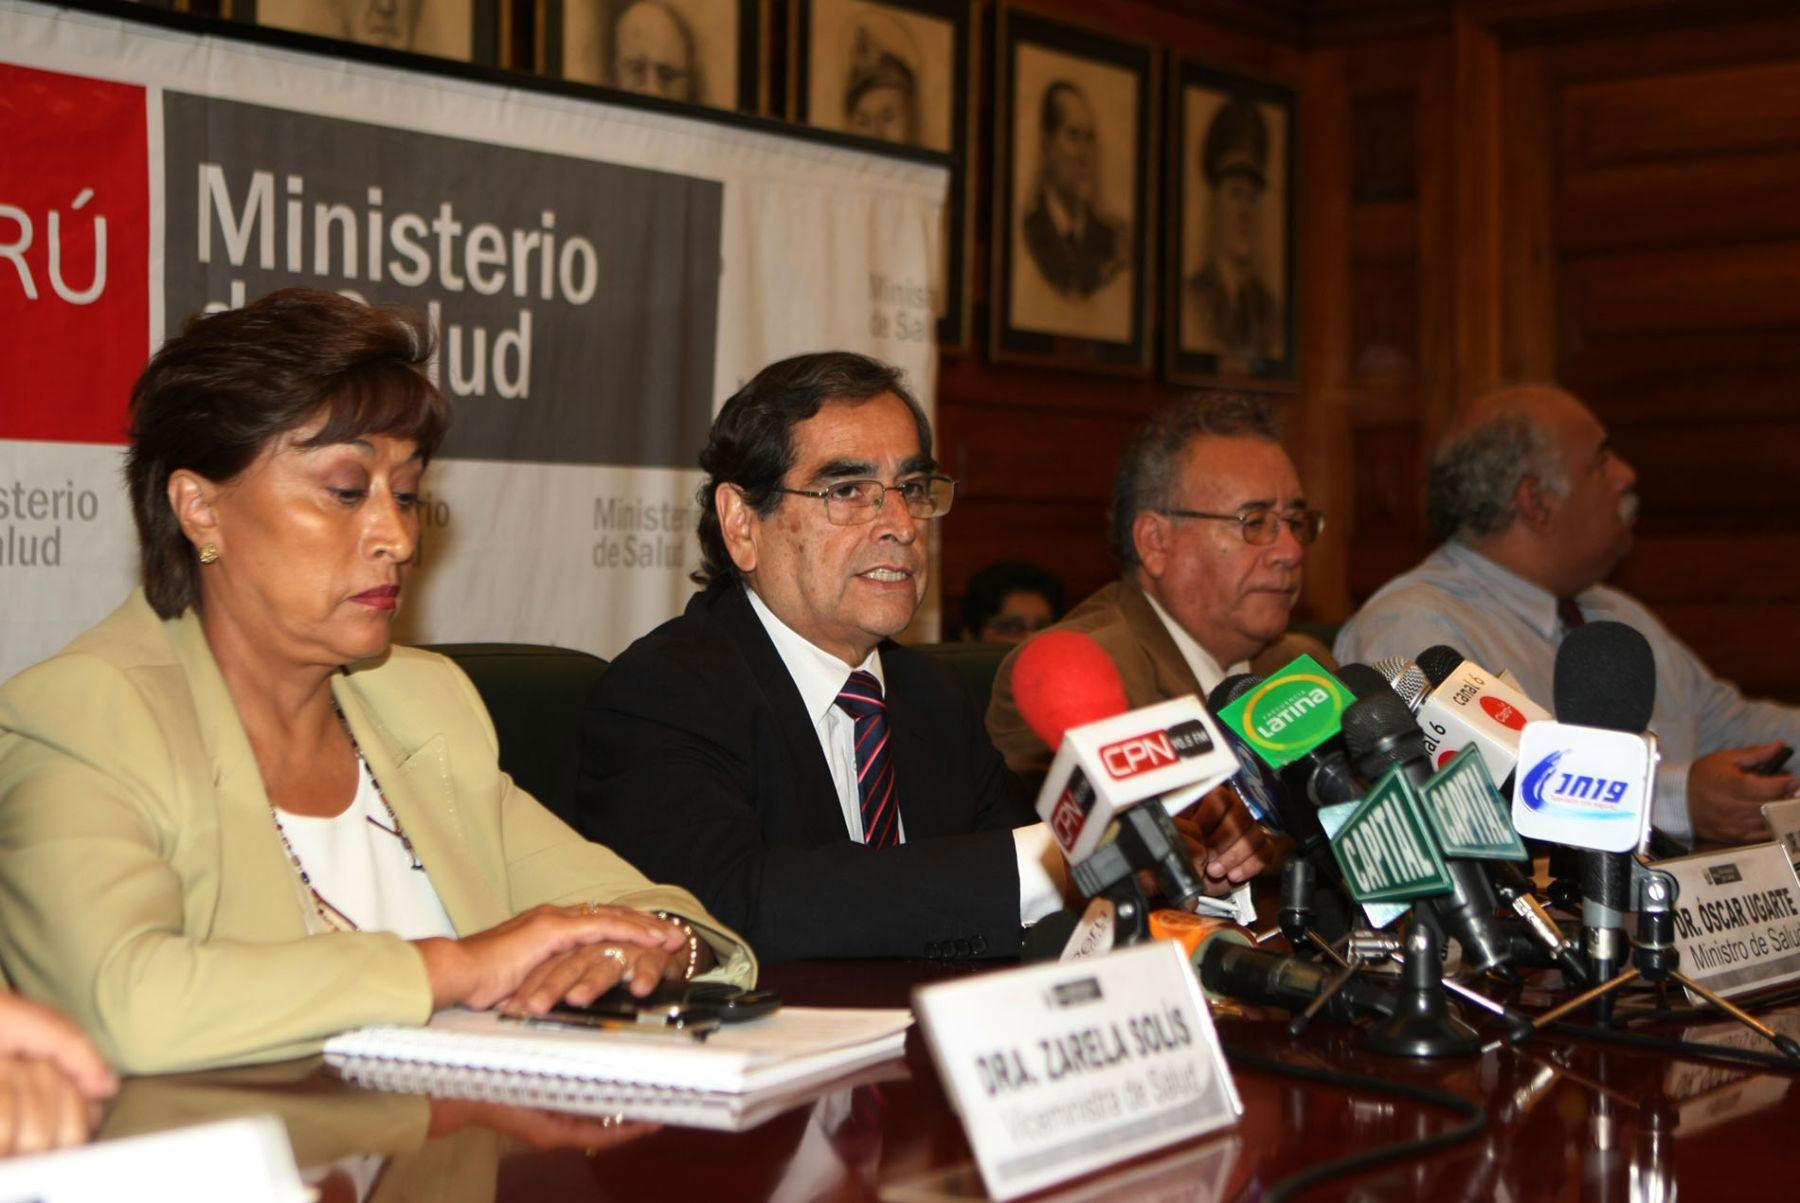 Ministro de Salud, Oscar Ugarte, informa en conferencia de prensa sobre la situación del dengue en el País.  Foto: ANDINA/Vidal Tarqui